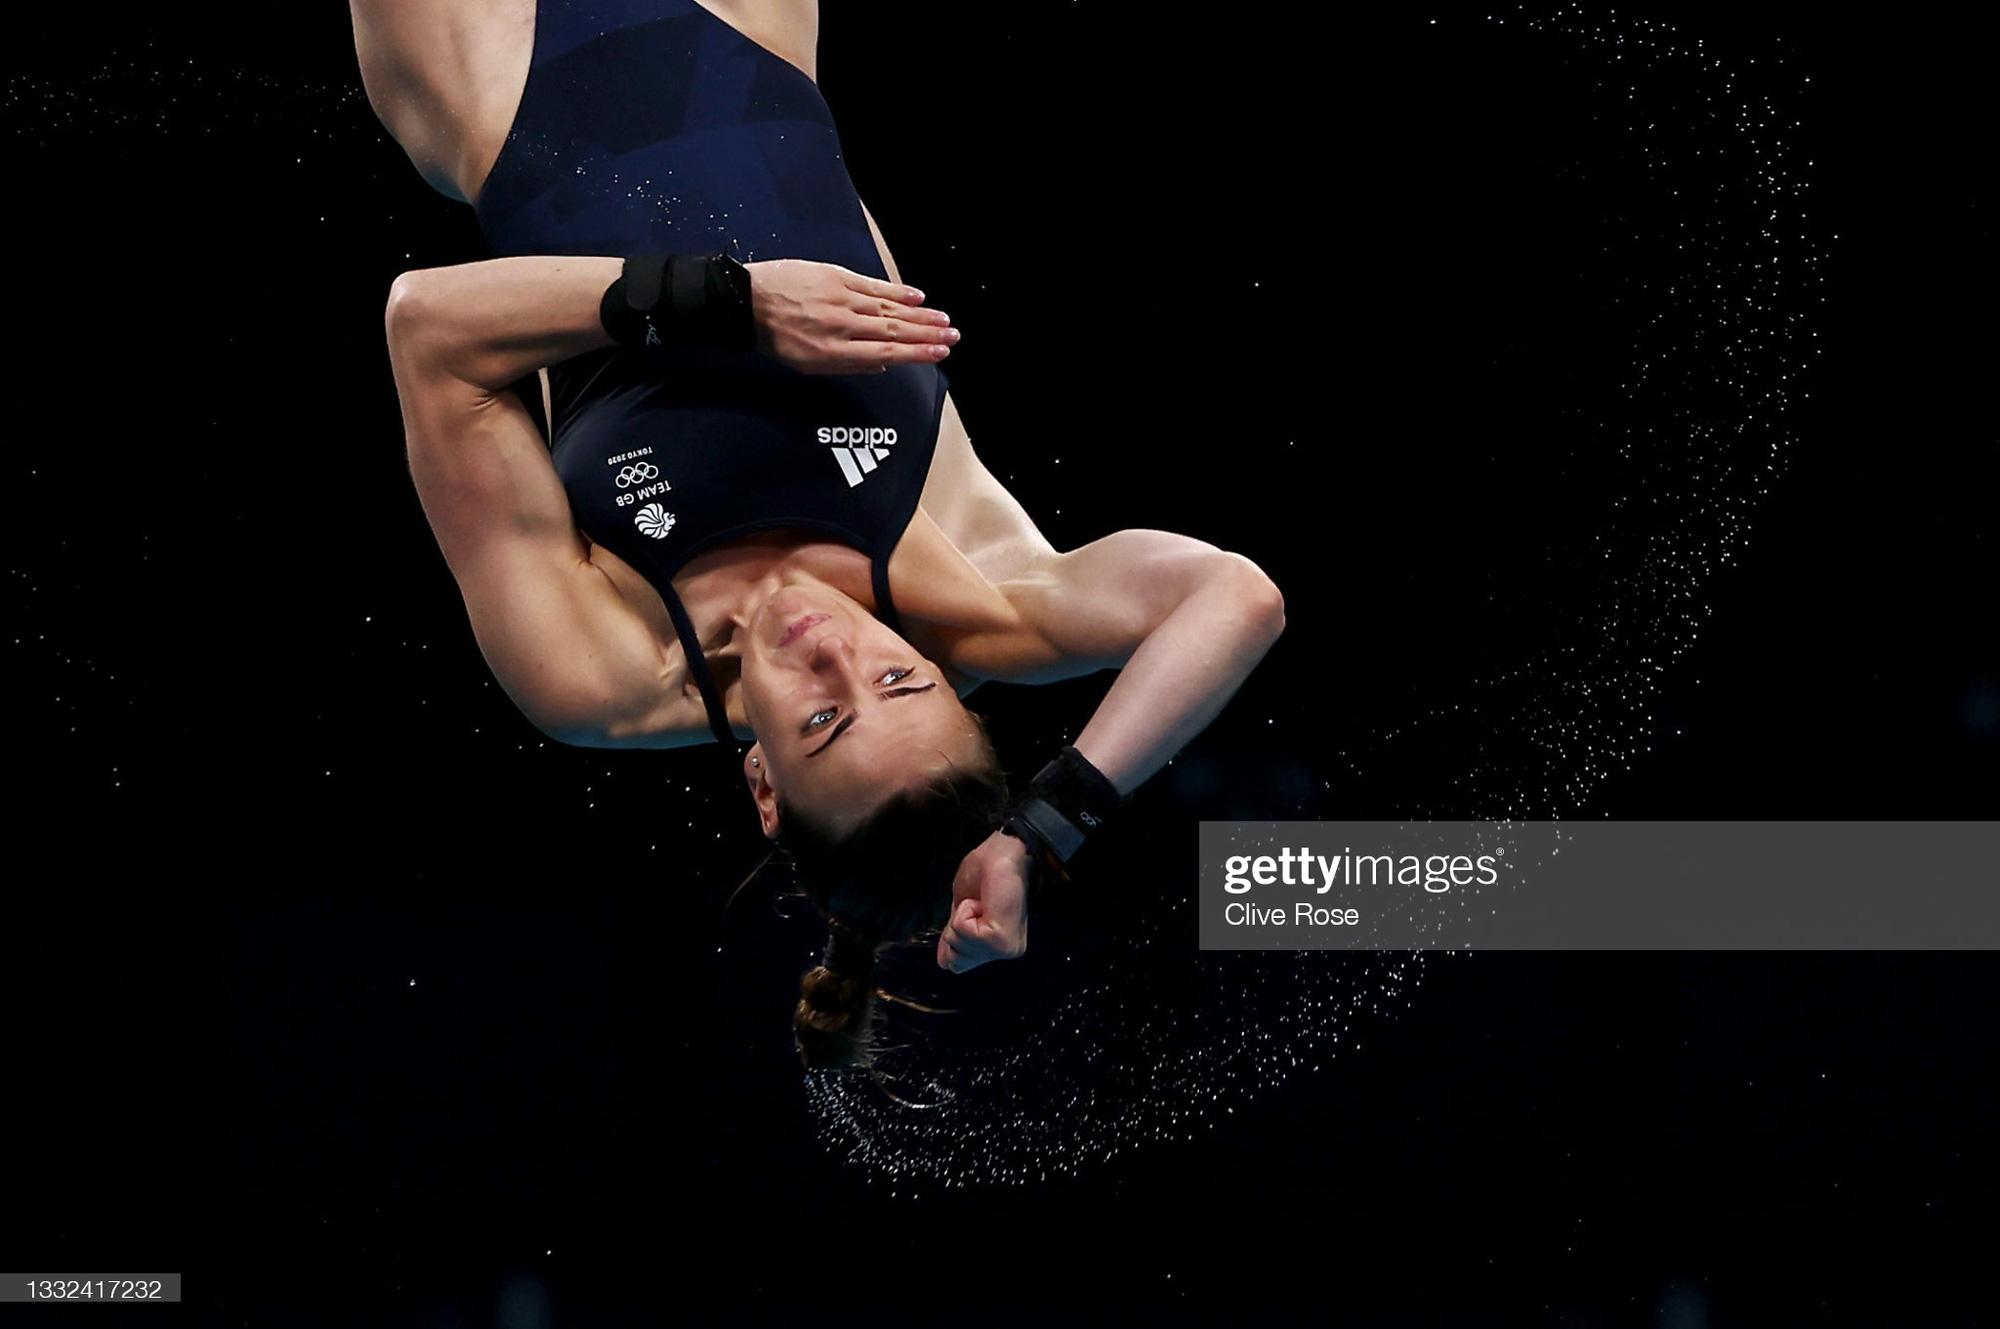 Những góc ảnh đẹp ngỡ ngàng ở Olympic Tokyo 2020 - Ảnh 25.